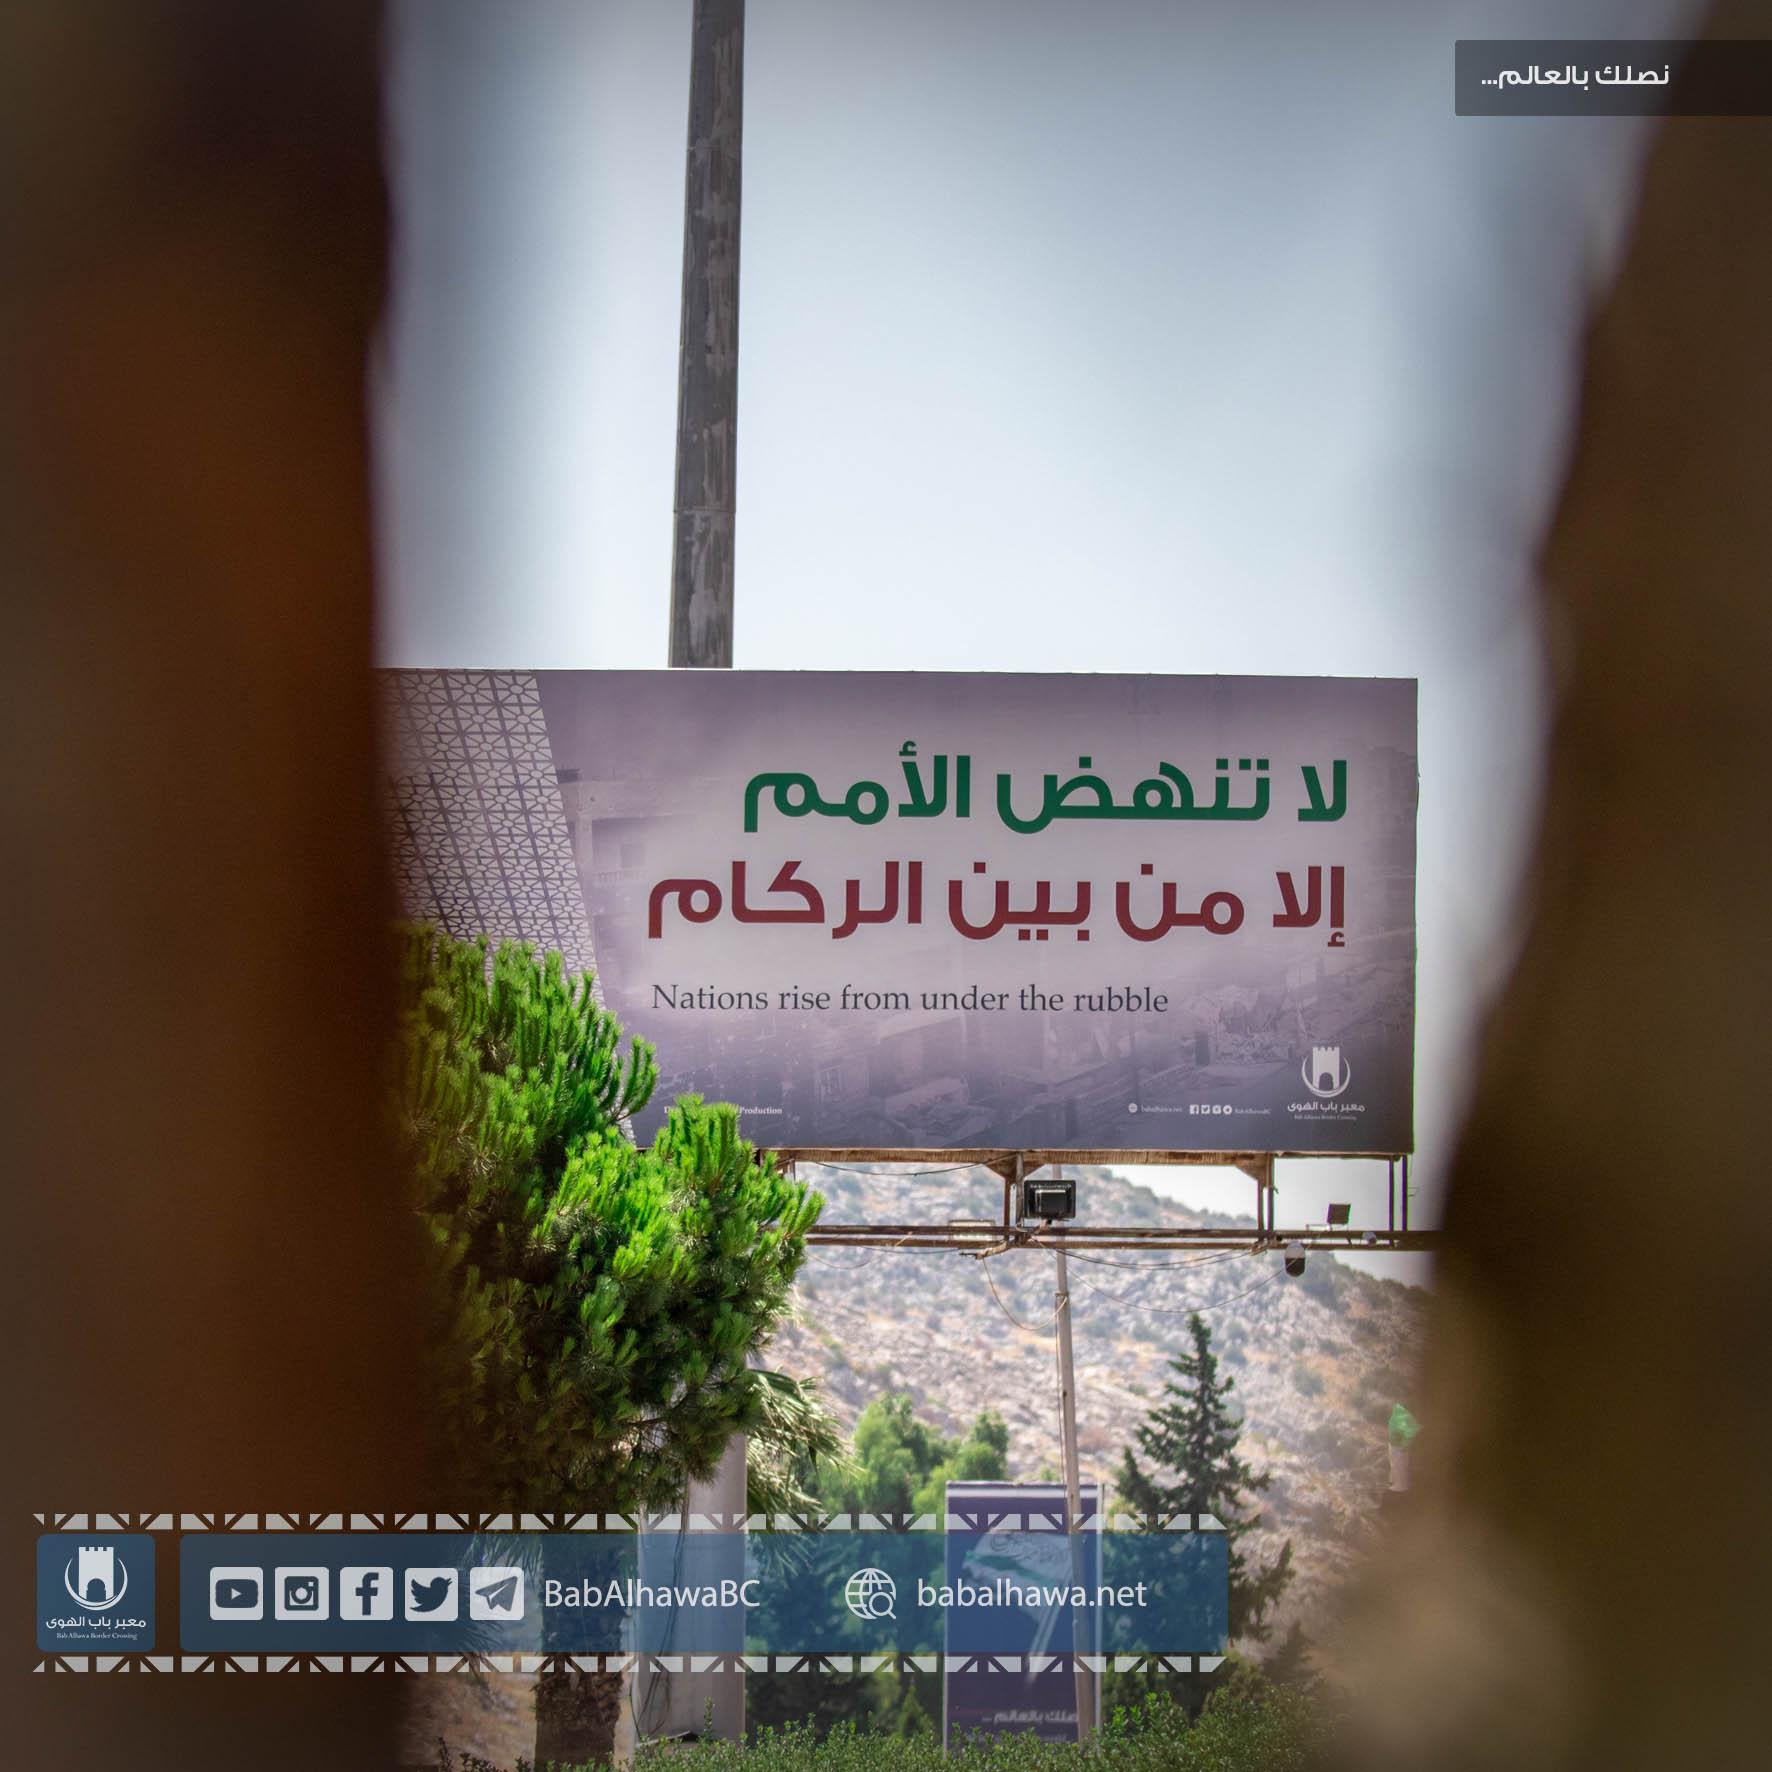 لا تنهض الأمم إلا من بين الركام - معبر باب الهوى سوريا